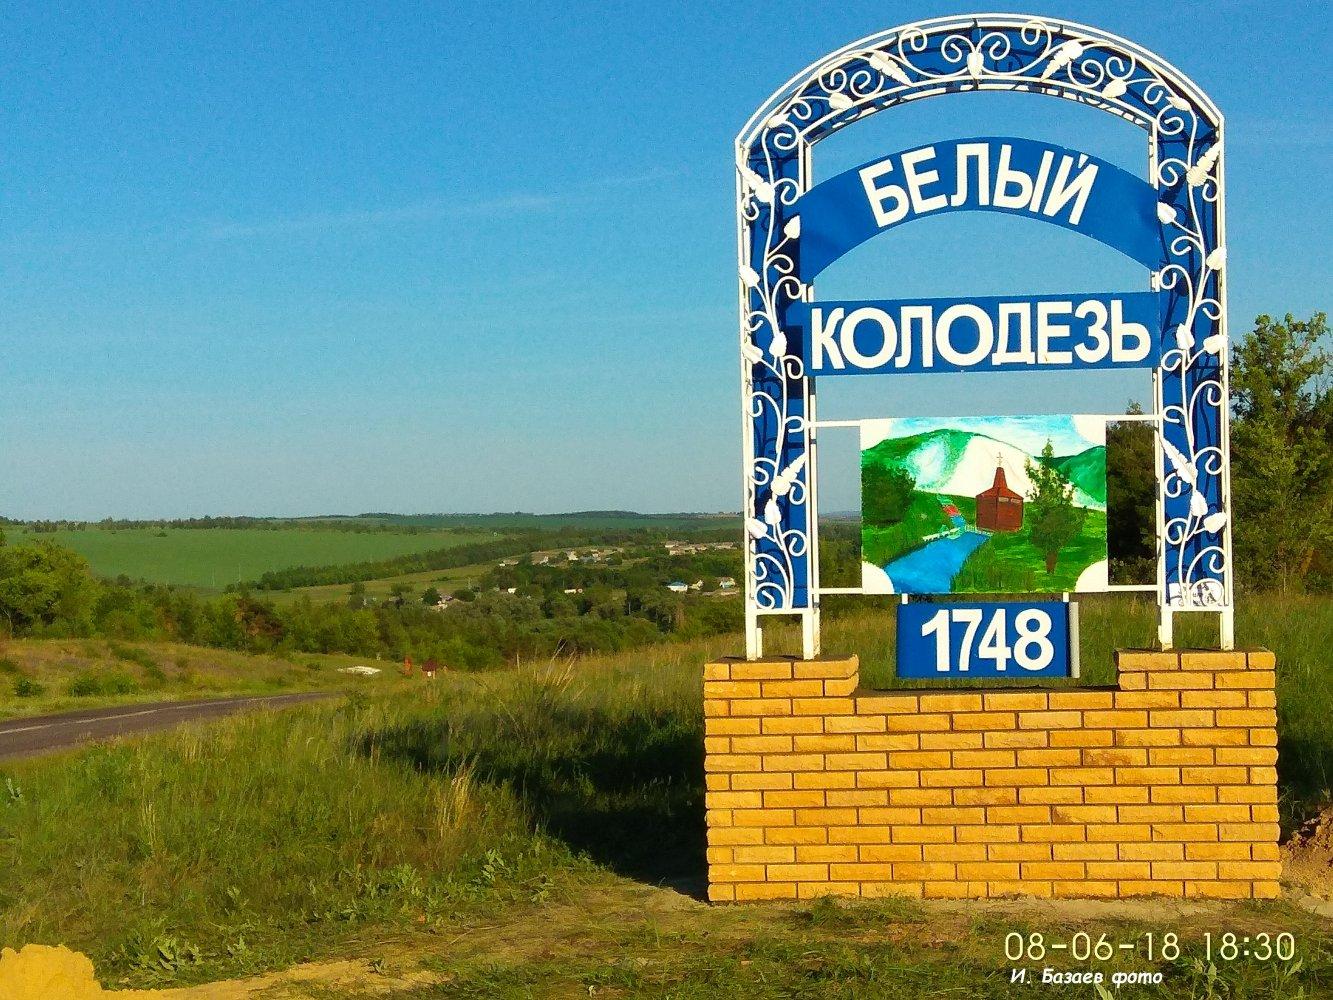 Фото Стелла 08.06.2018 г. установлена и фото. Россия, Белгородская область, Р187